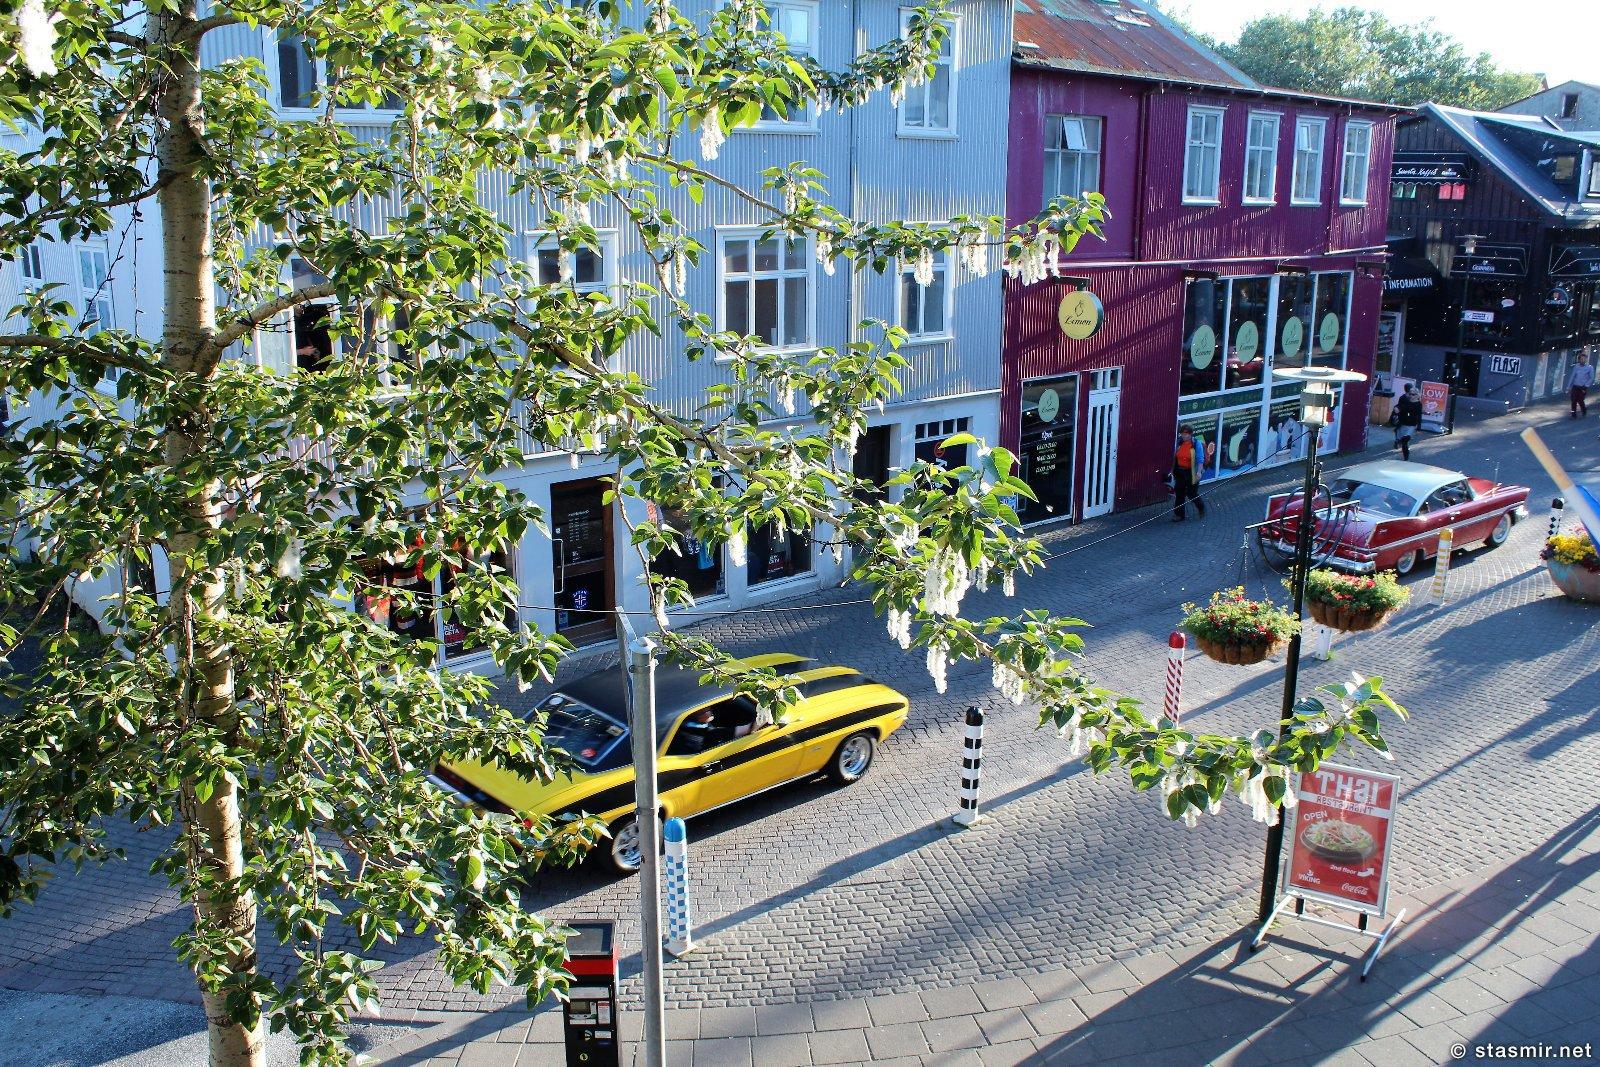 шествие антикварных авто по главной улице Рейкьявика - Лёйгавегюр, фото Стасмир, photo Stasmir